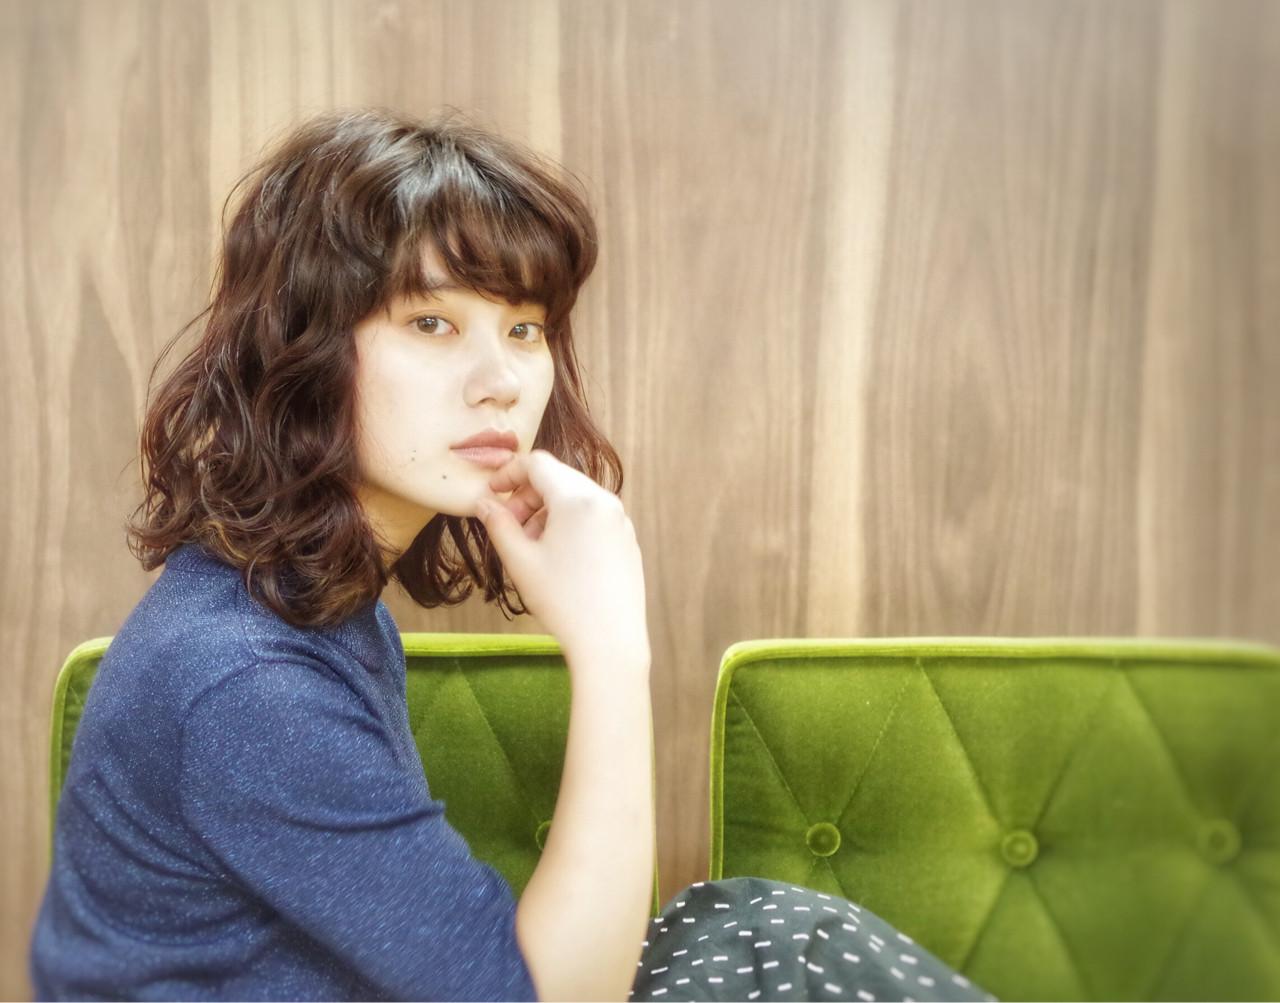 セミロング ワイドバング ピュア 大人かわいい ヘアスタイルや髪型の写真・画像 | 山本悠平 / hair salon nano